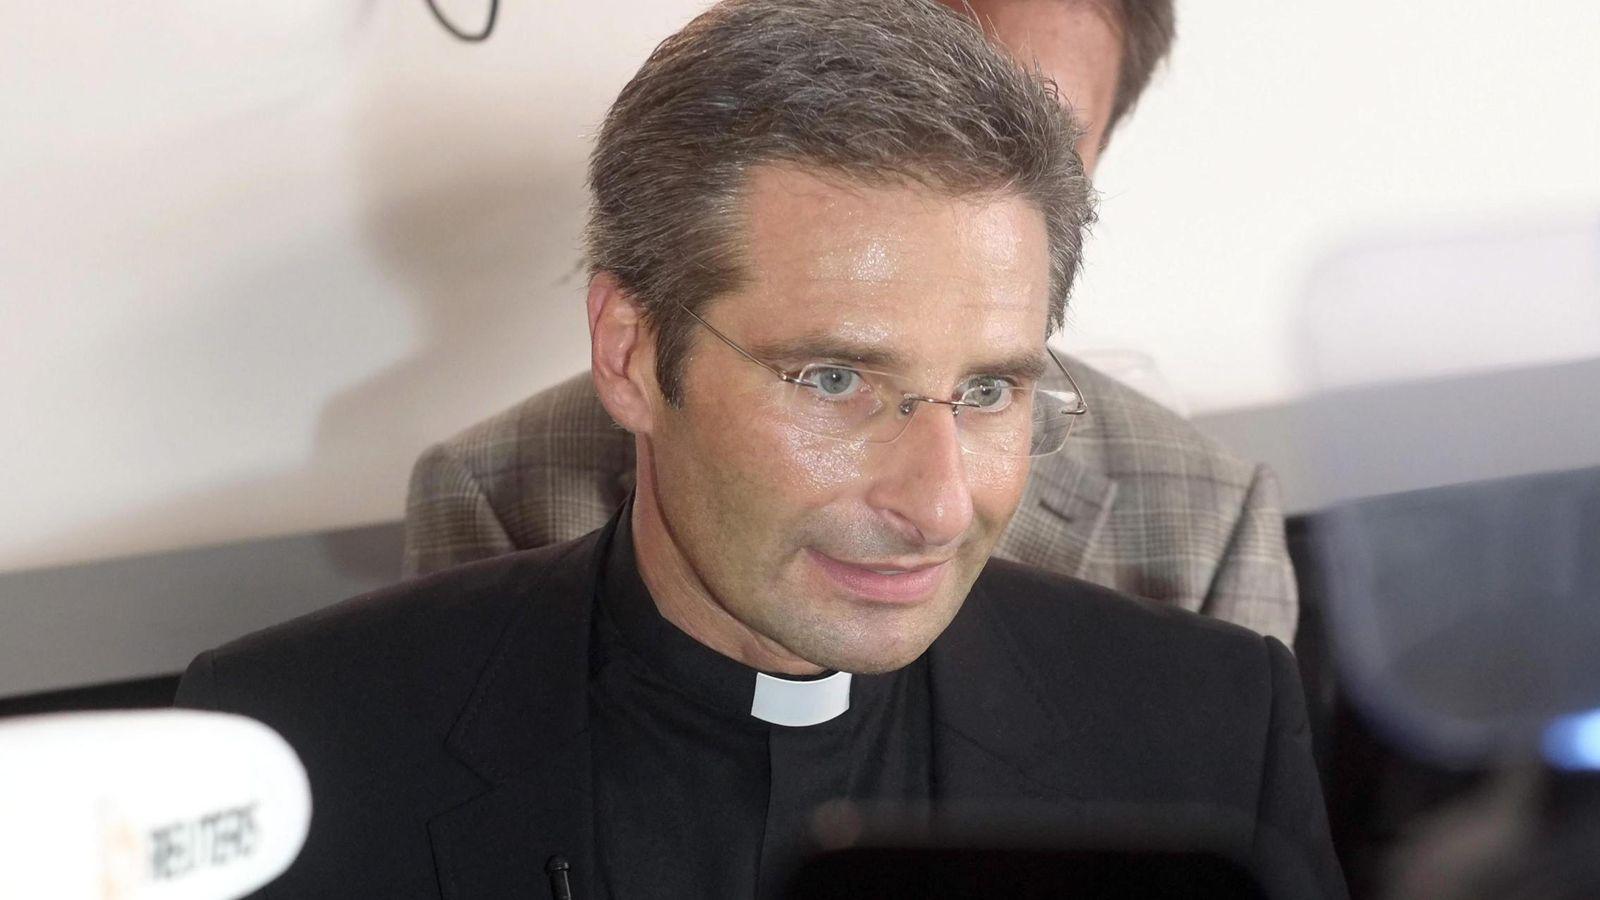 Foto: Krzysztof Charamsa, el sacerdote homosexual expulsado de la Congregación para la Doctrina de la Fe (EFE)